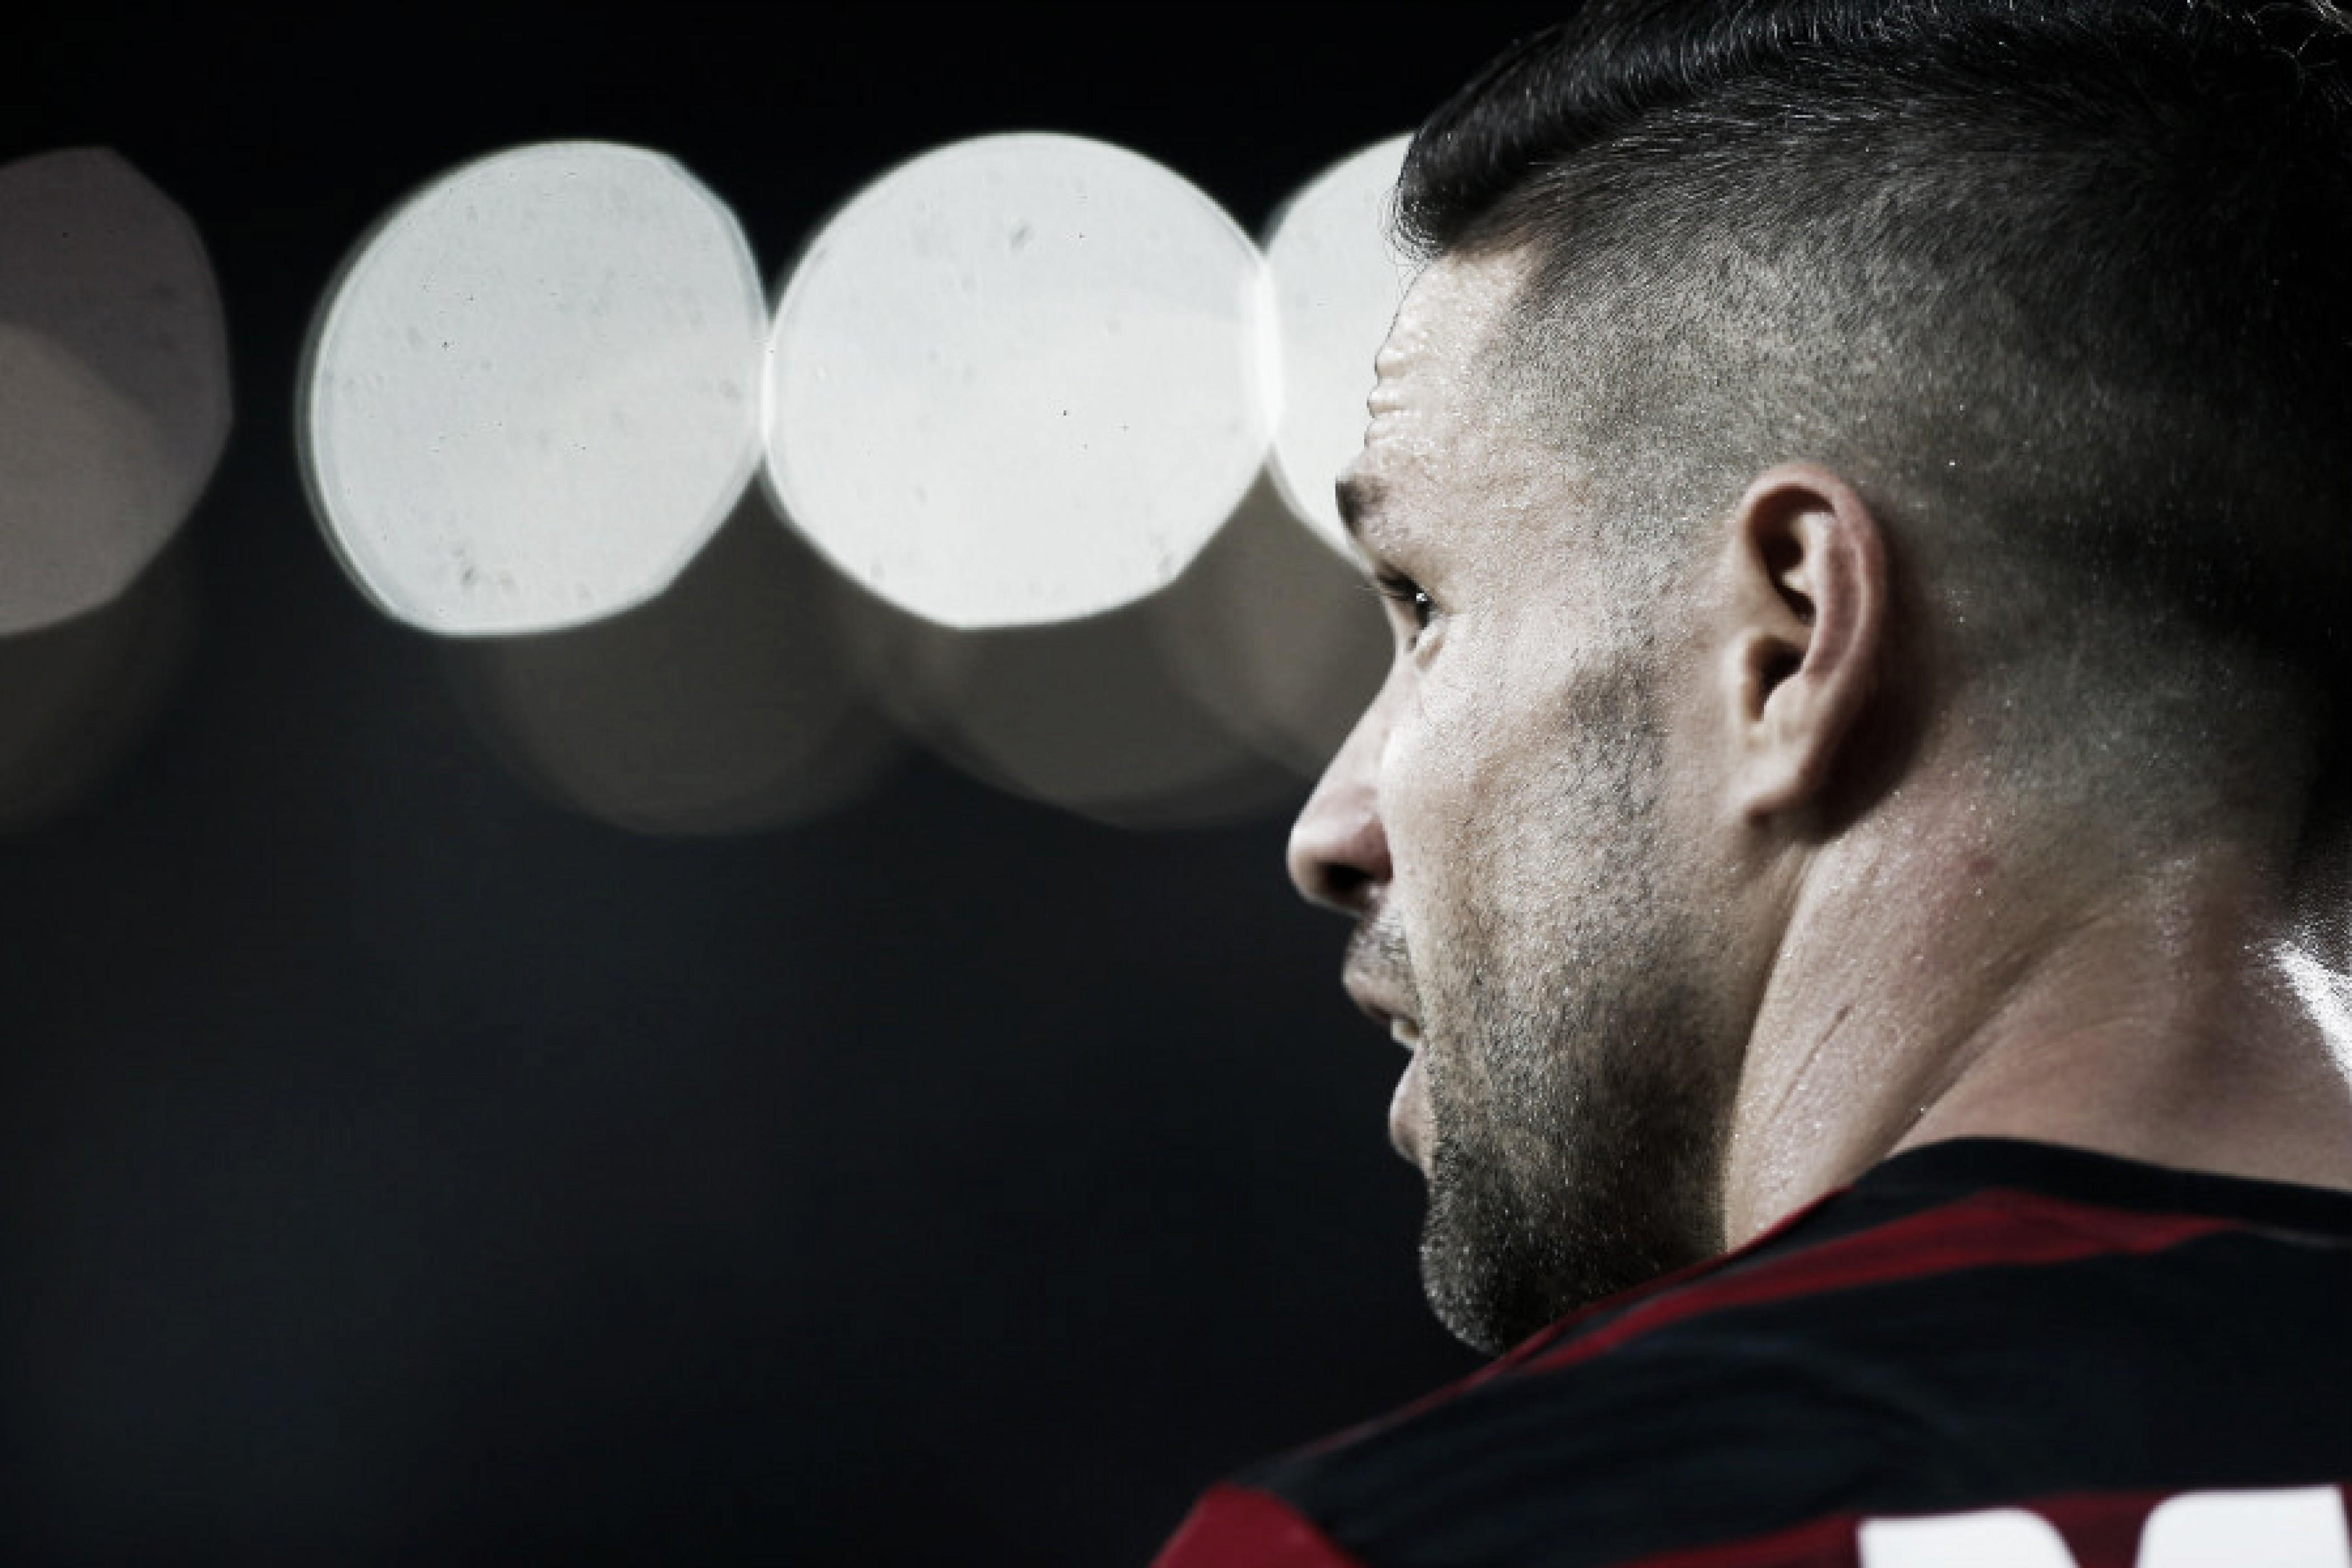 Diego nega ofensa a árbitro após expulsão no clássico contra o Vasco